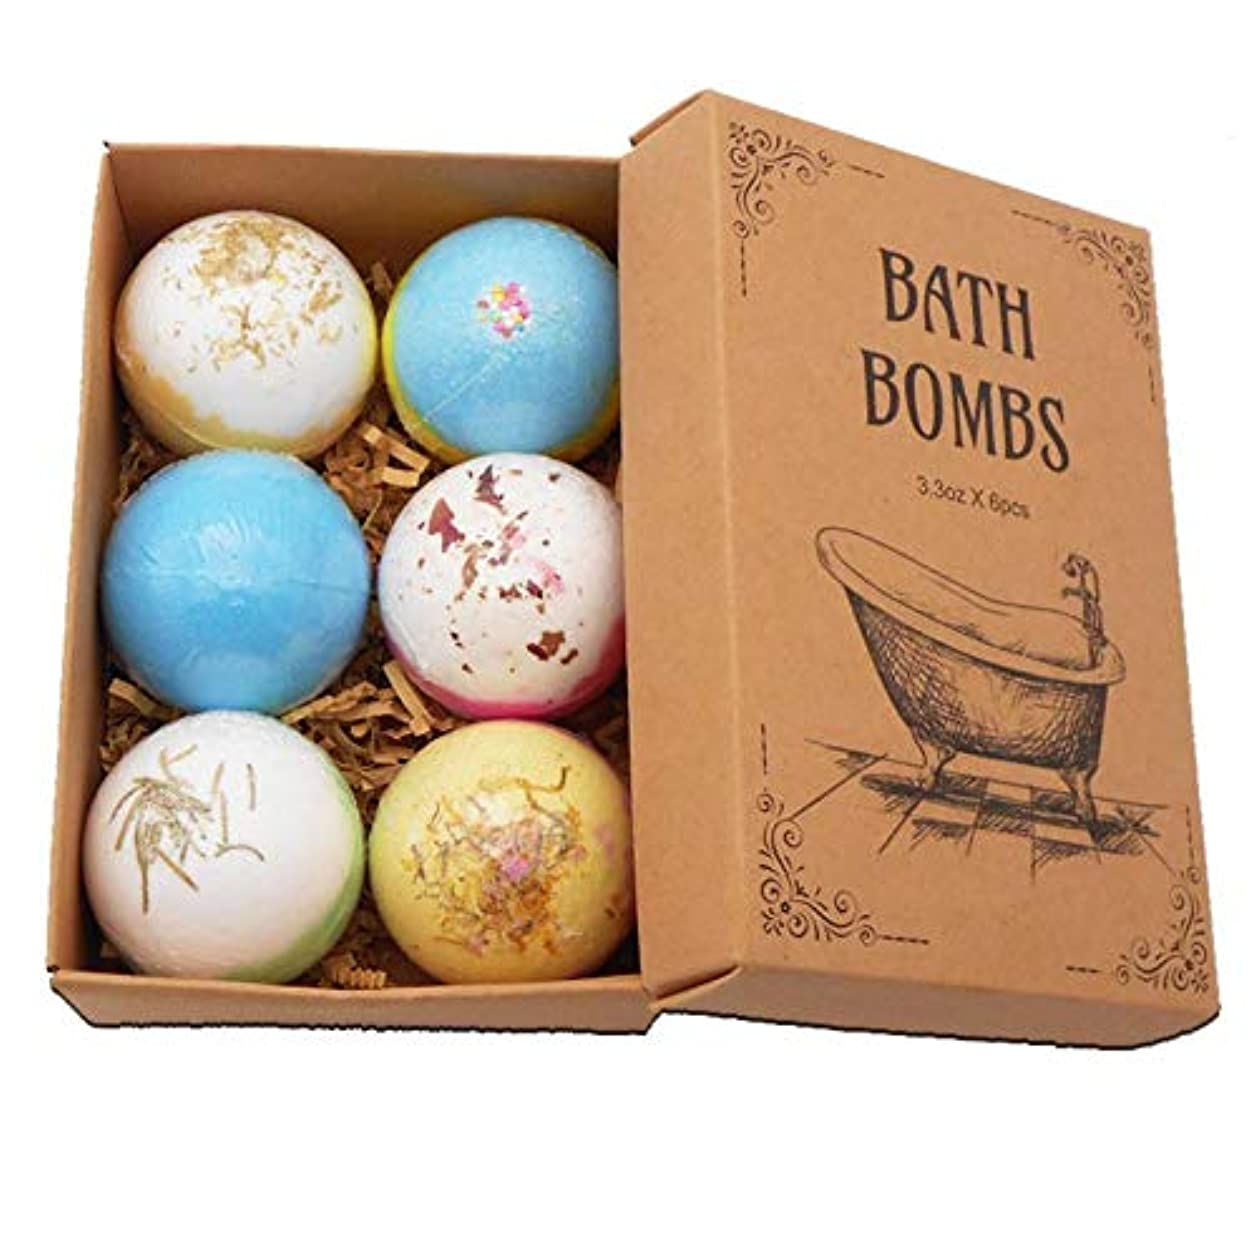 経験者初心者特定のColdwhite 6PCSバスボム 自然な手作りの海塩ラベンダー風呂爆弾 母のガールフレンドのためのスパ発泡爆弾ギフト